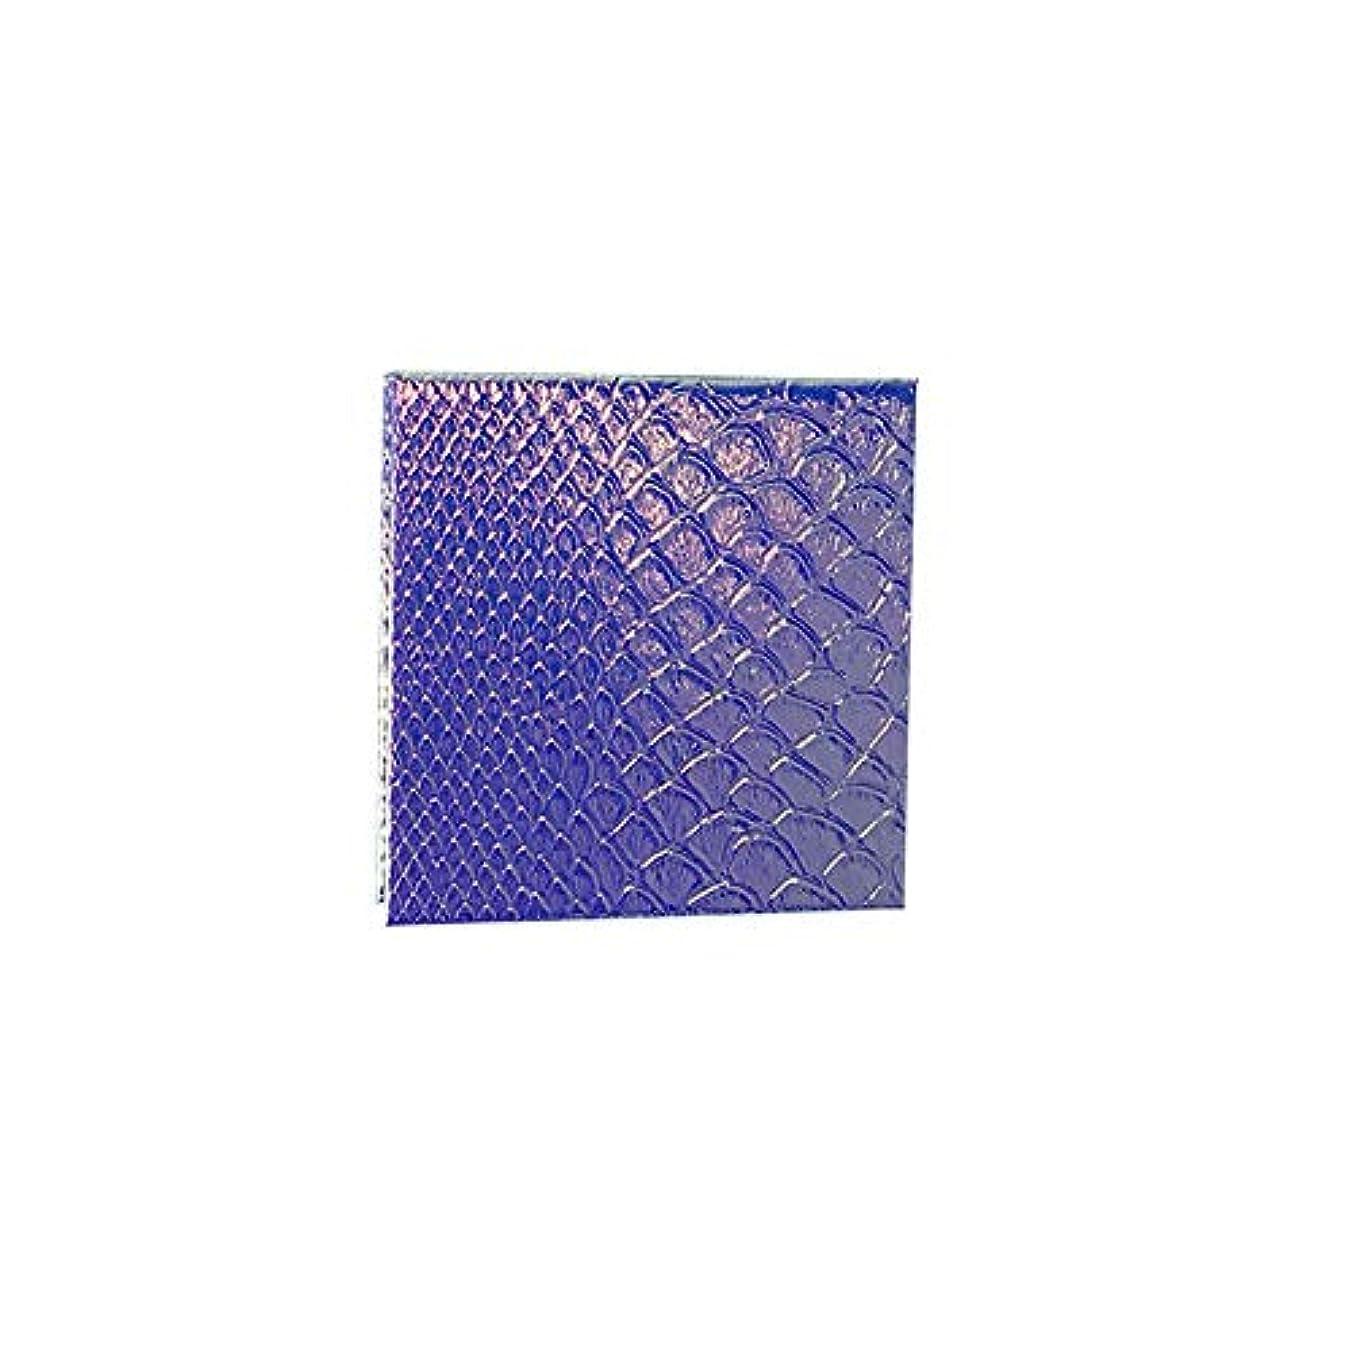 研究所ハード錫空の化粧アイシャドーパレット磁気空パレット接着剤空のパレット金属ステッカー空のパレットキット(S)